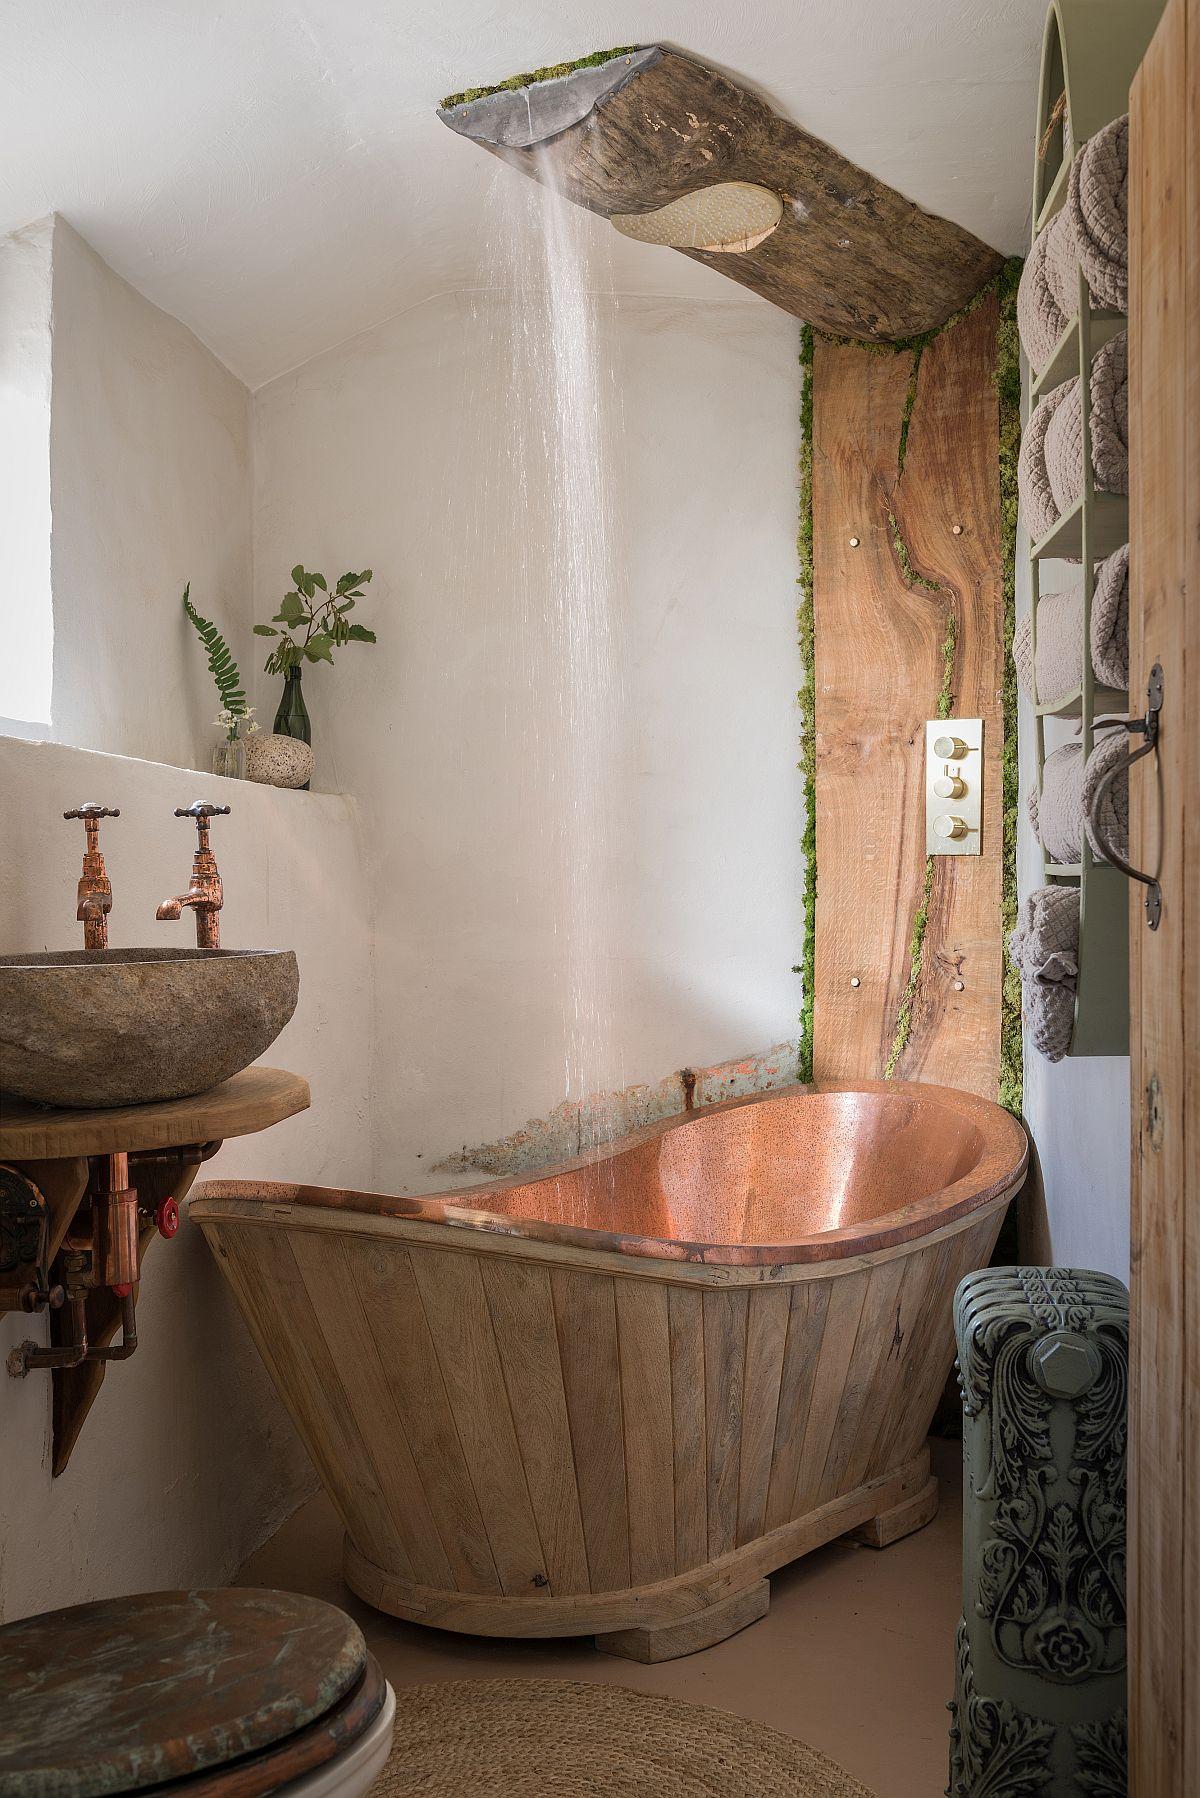 Baia este original amenajată cu bucăți de trunchi de lemn de castan și cu o cadă comandată special de la un furnizor britanic.